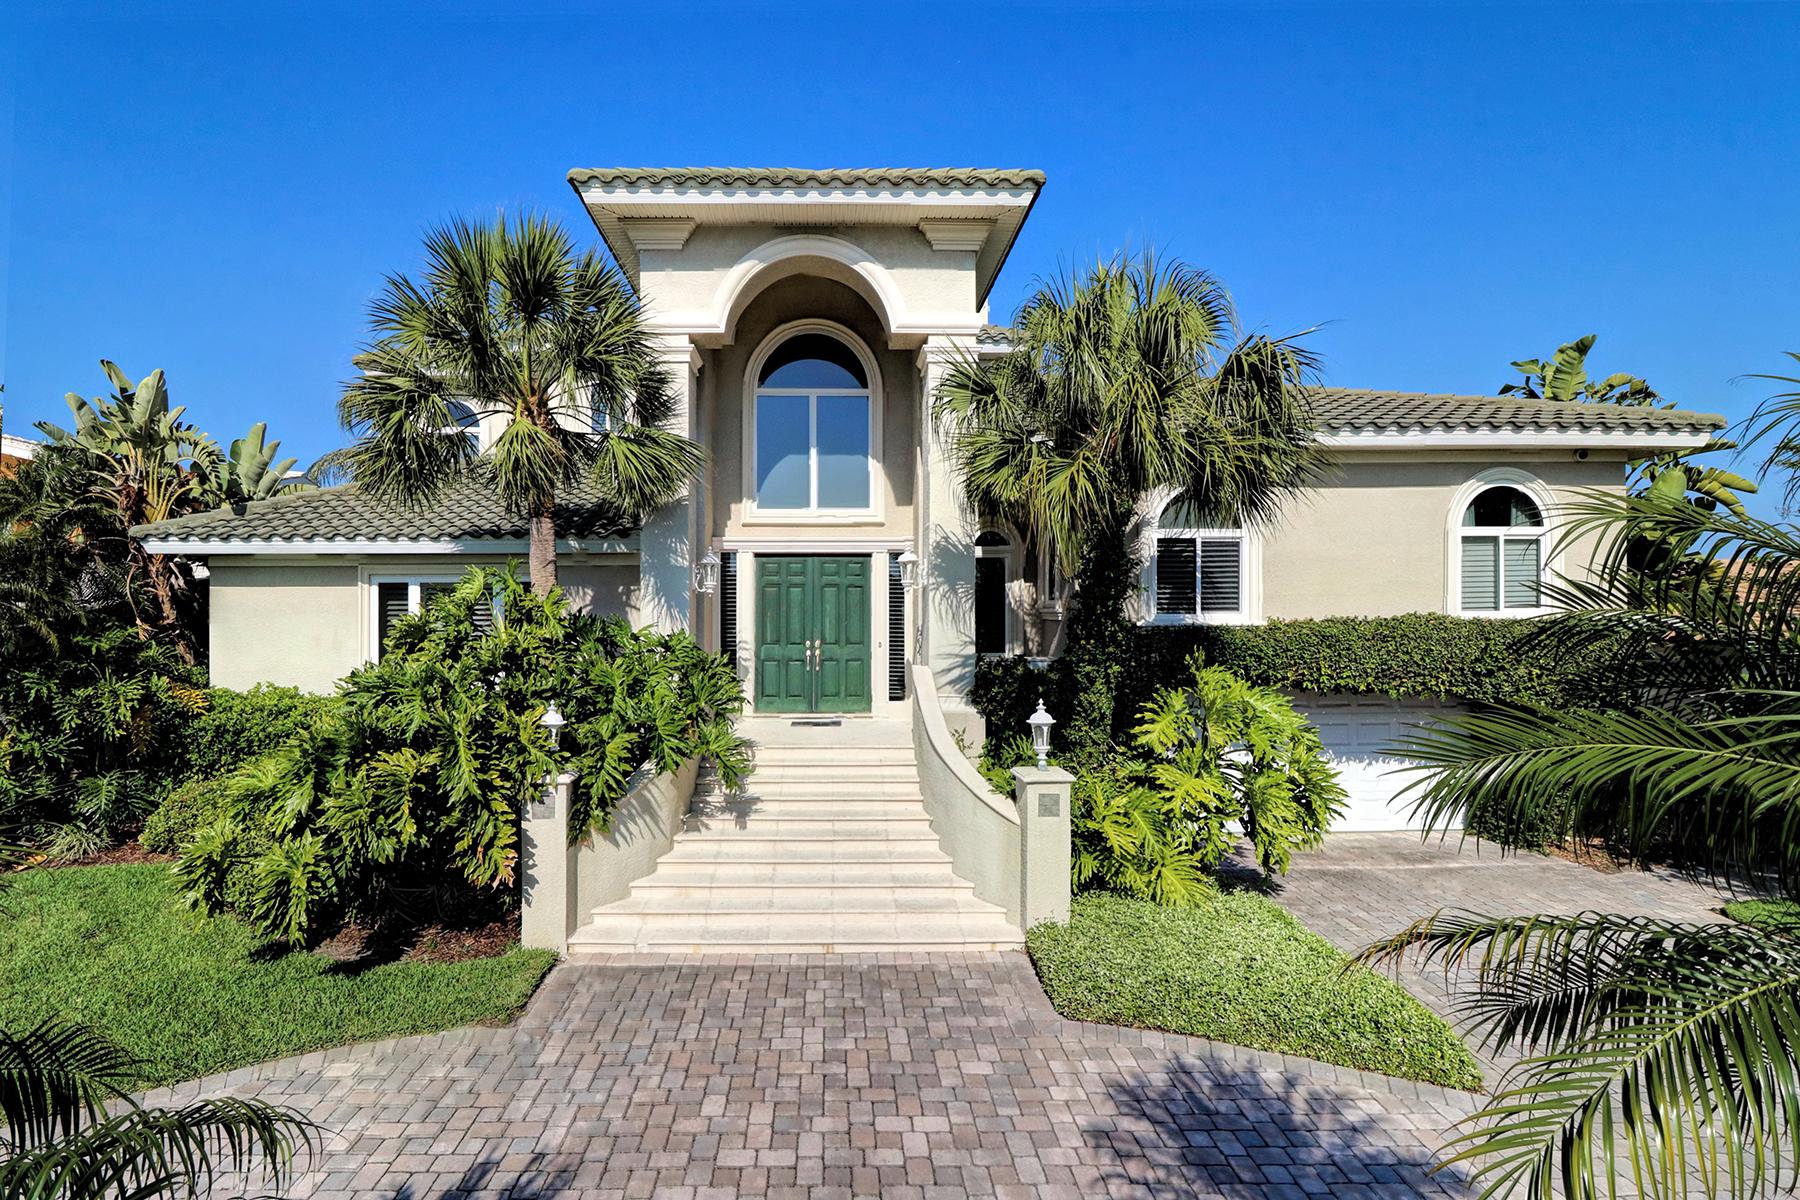 独户住宅 为 销售 在 CLEARWATER 56 Windward 克利尔沃特海滩, 佛罗里达州, 33767 美国